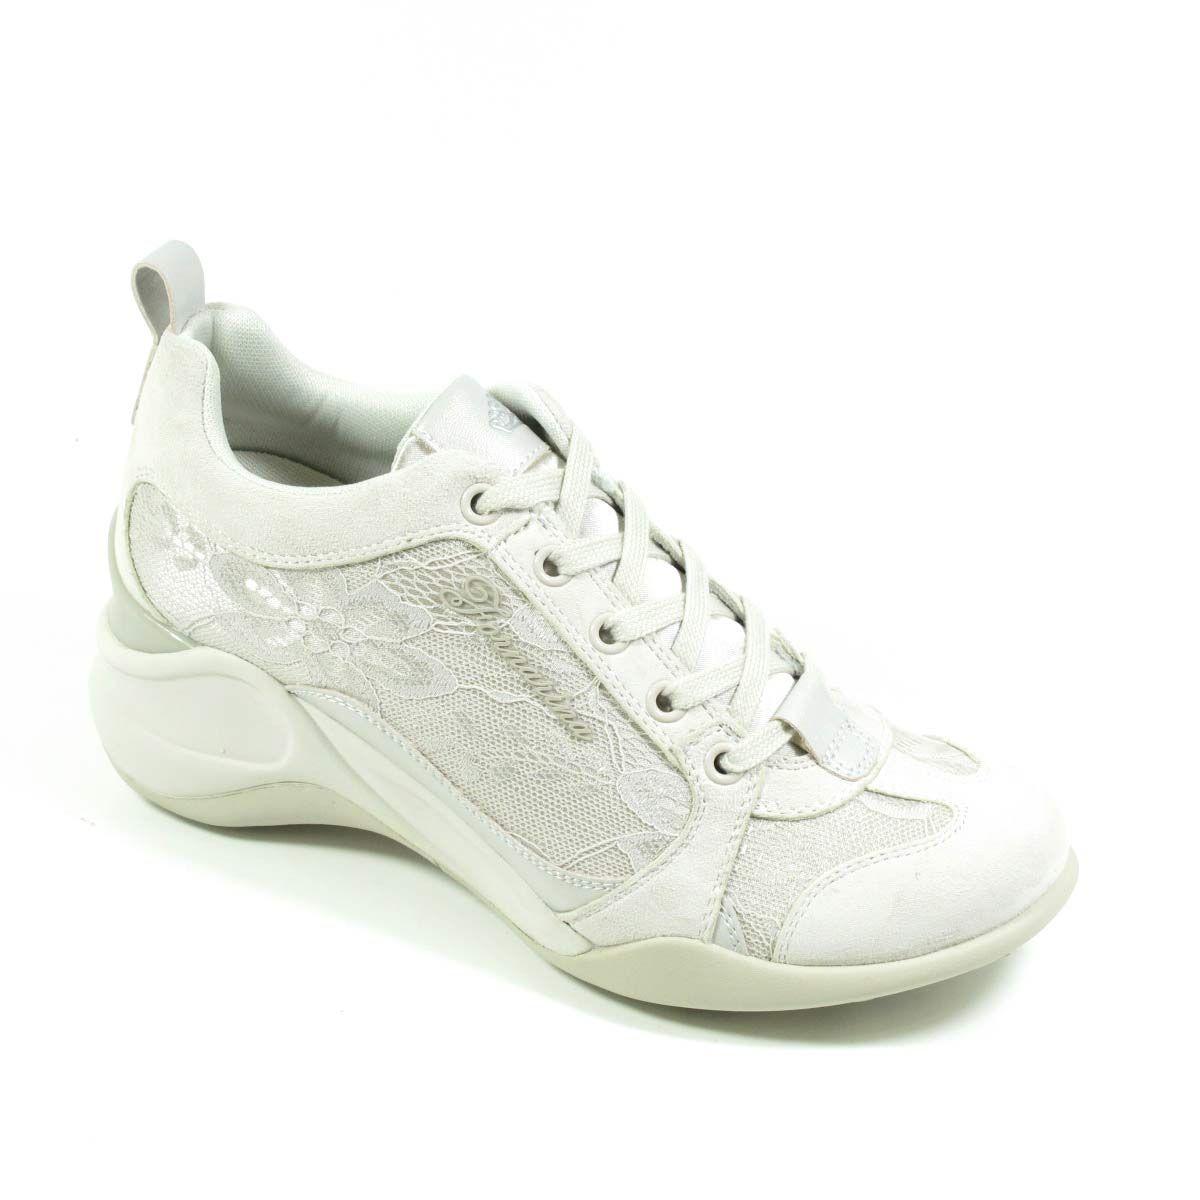 Sneakers Fornarina (SE8271WVA) outlet primavera / estate Ghiaccio